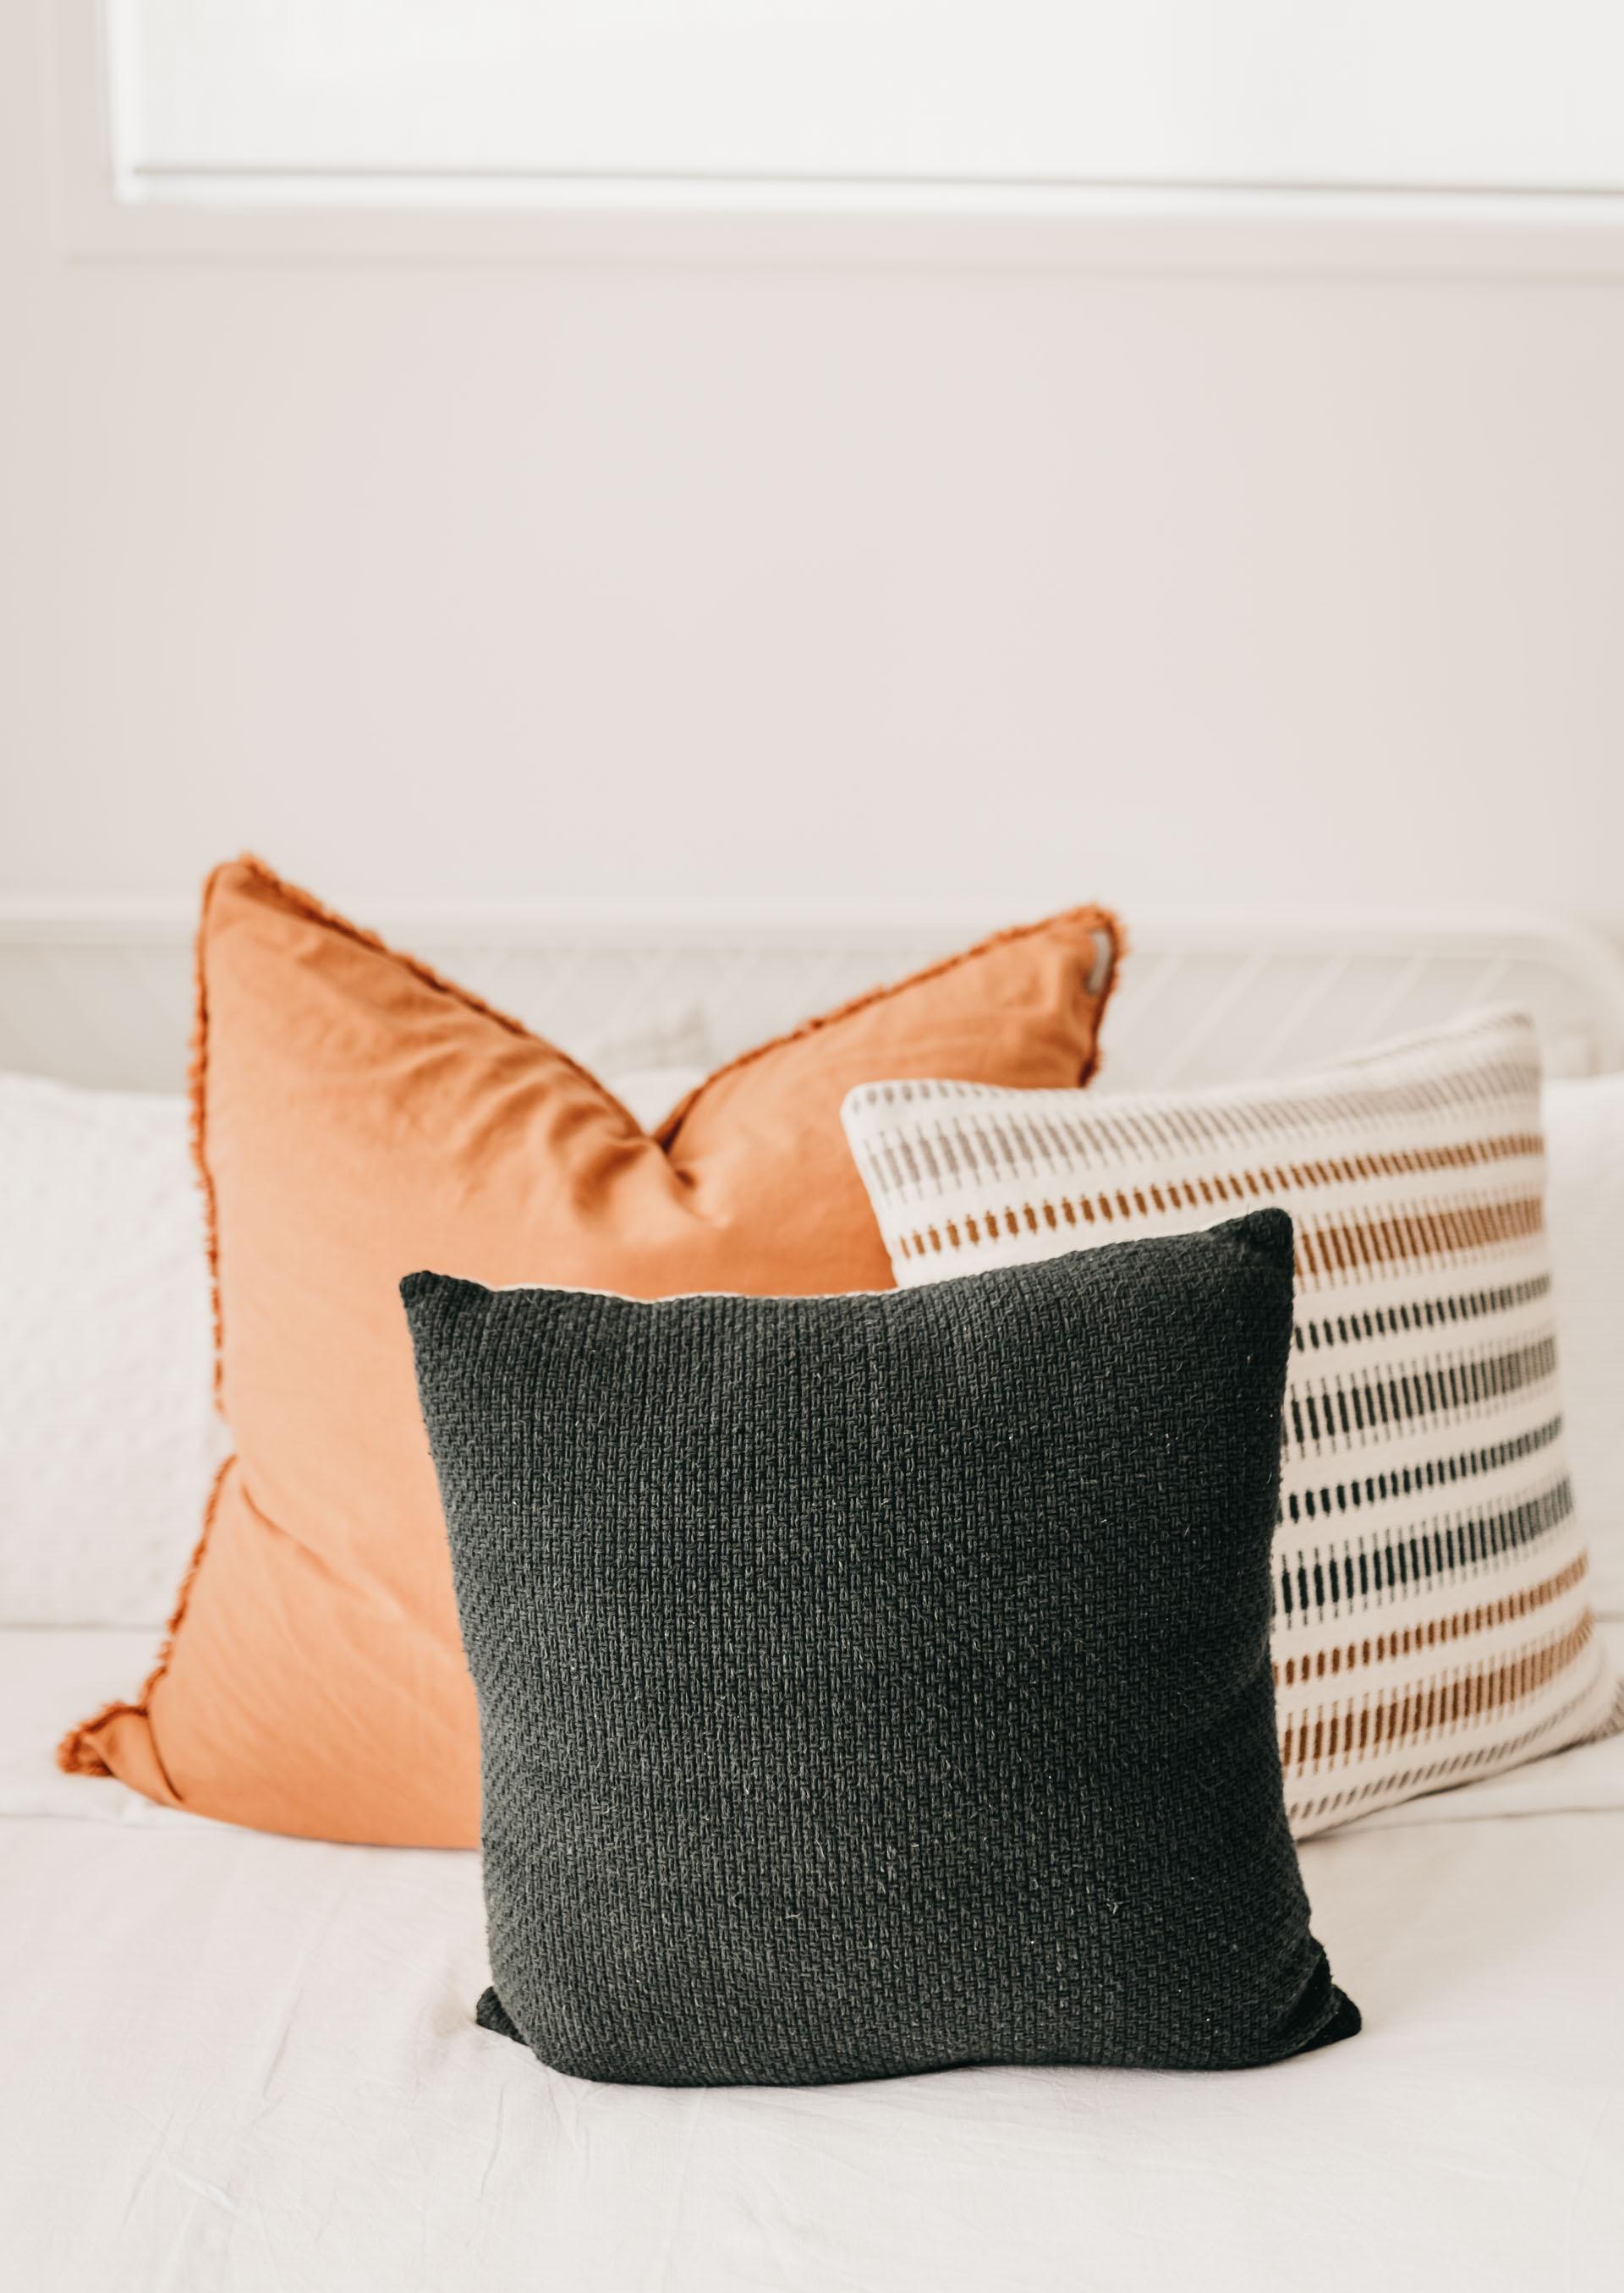 keira-mason-caba-cottage-cushions.jpg